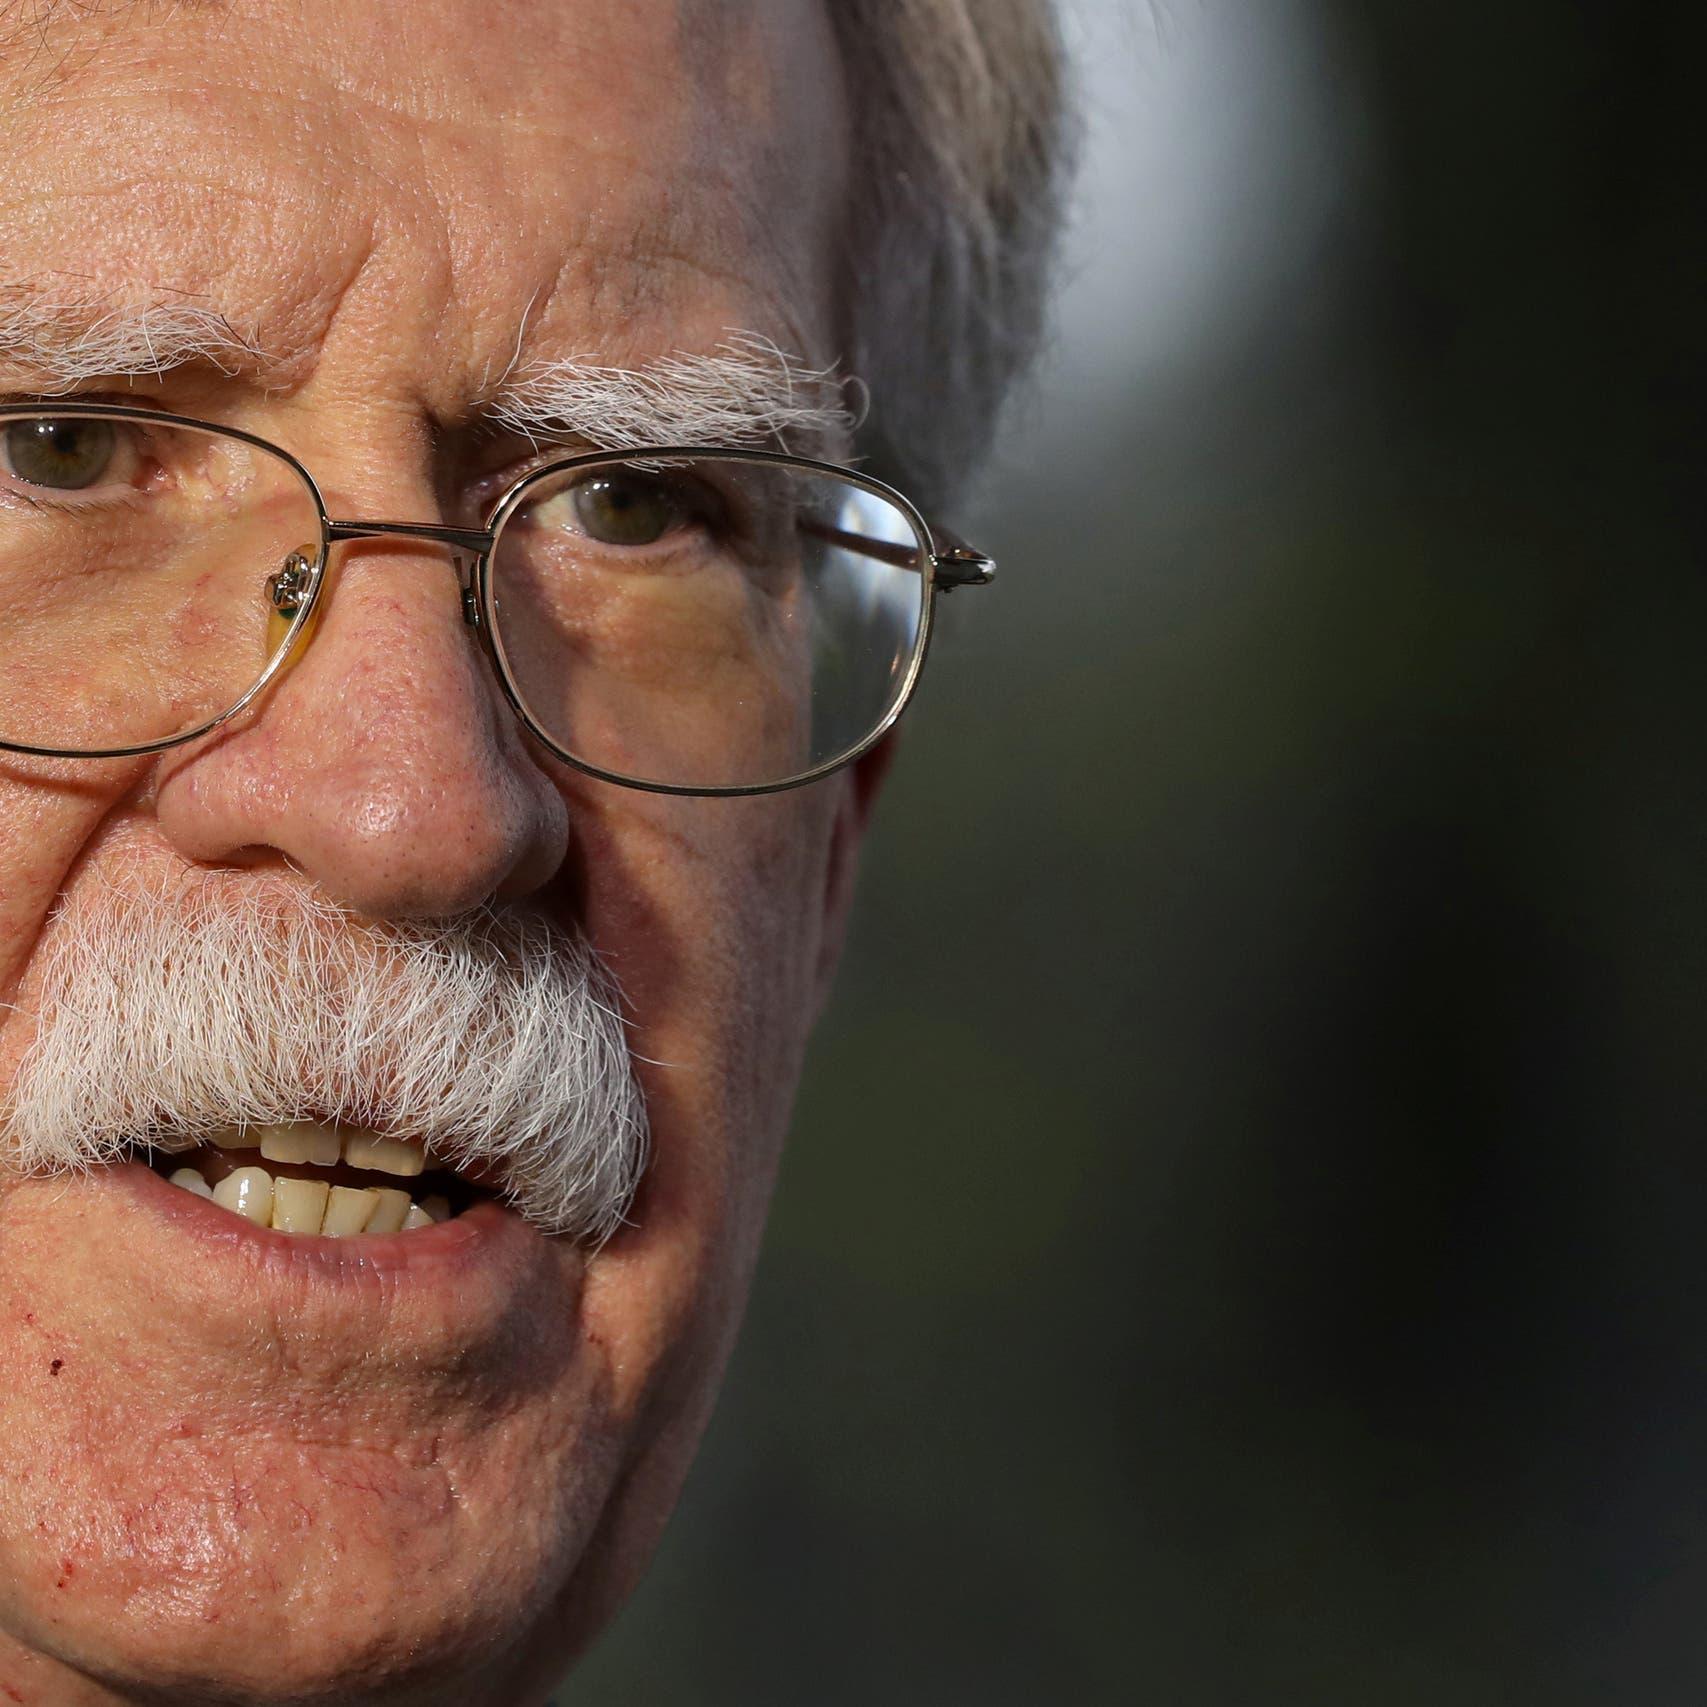 بولتون: ترمب يدرس إلغاء الإعفاءات النووية الممنوحة لإيران